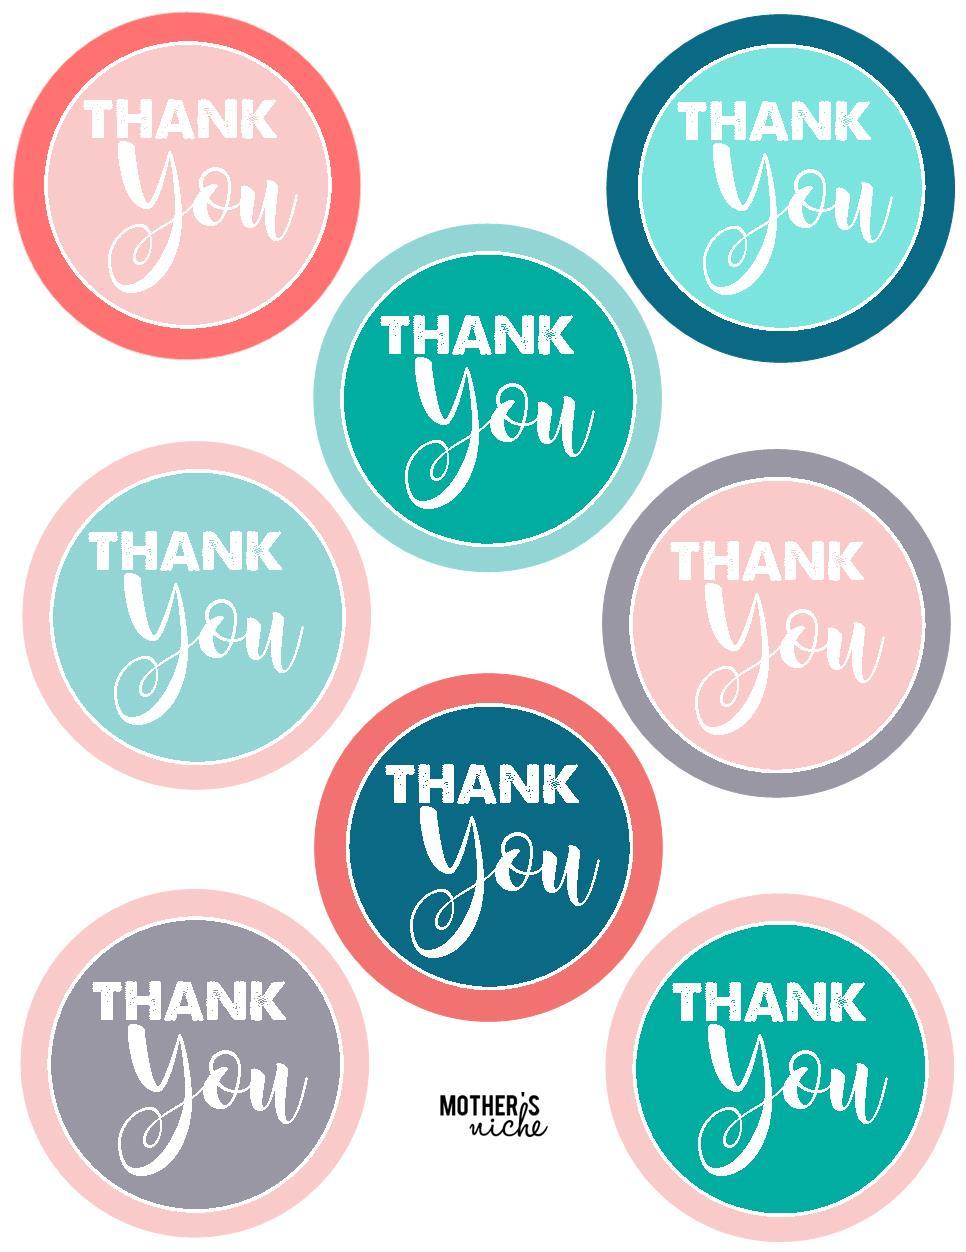 """15 Teacher Gift Ideas: Free Printable """"thank You"""" Tags - Free Printable Thank You Tags"""